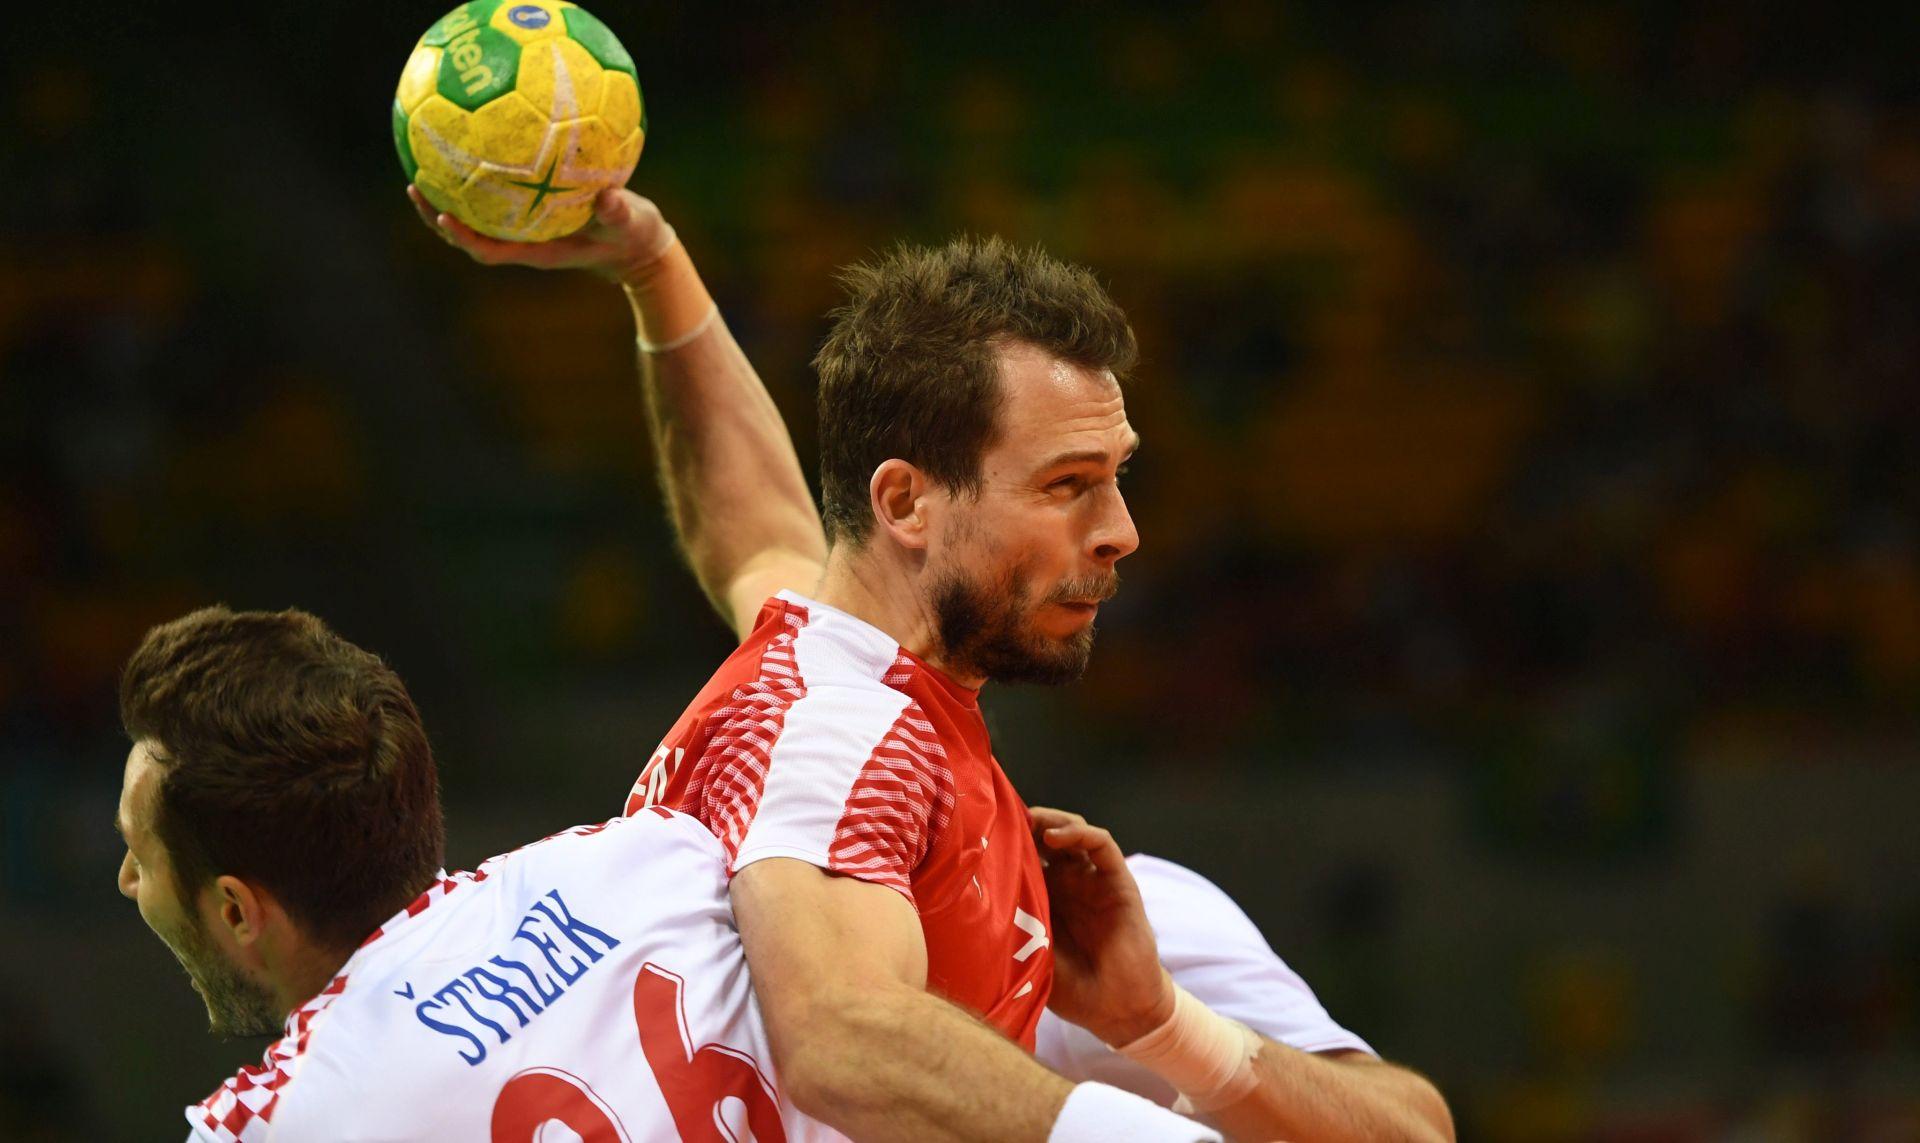 OI Rio: Francuska – Danska 33-30, Hrvatska u četvrtfinalu protiv Poljske ili Brazila